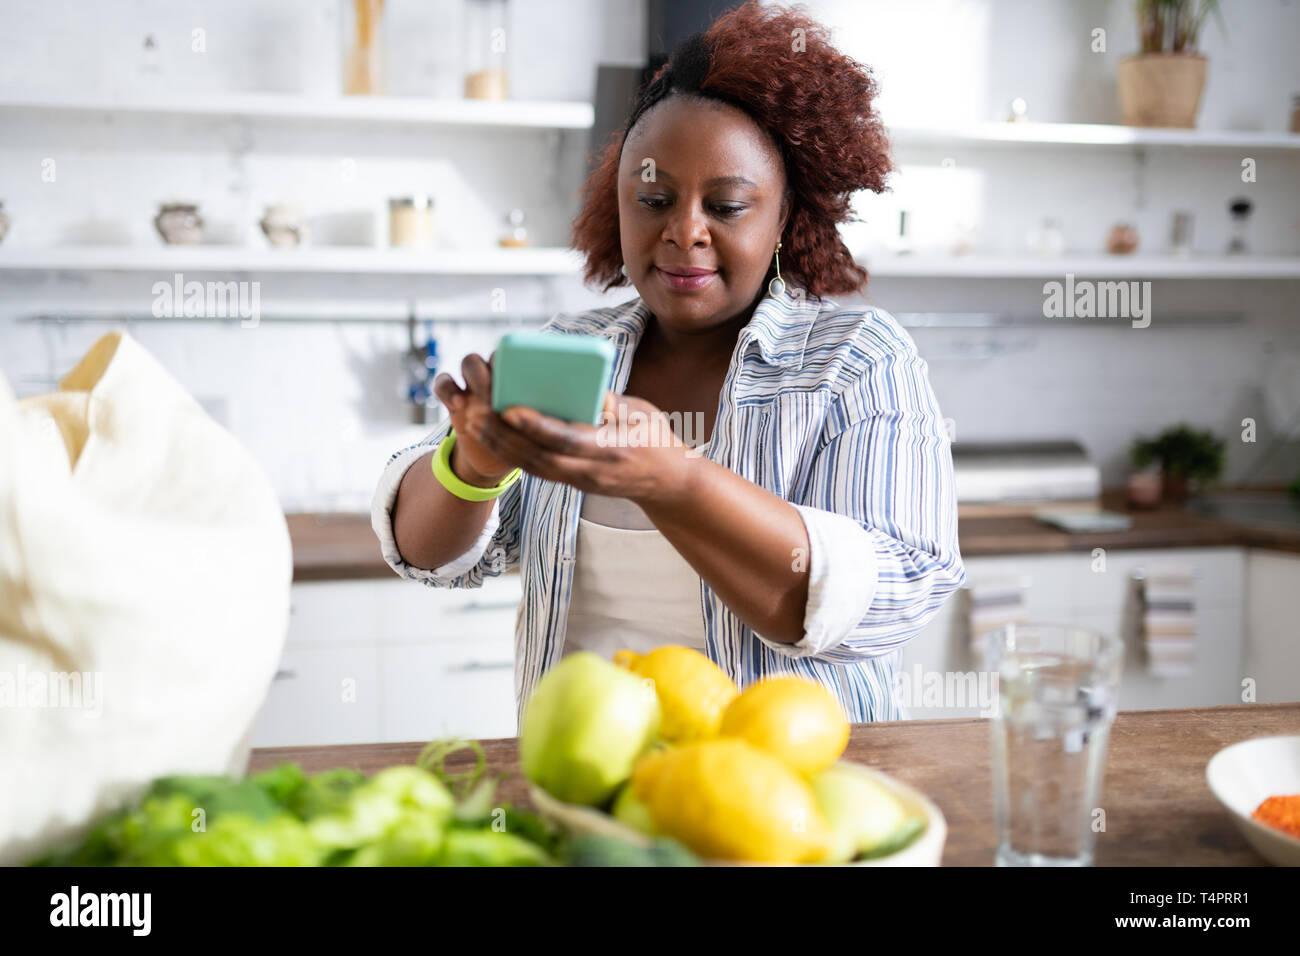 Meine Küche. Freuen lockigen Haaren stehende Frau am Tisch und Gemüse Stockbild